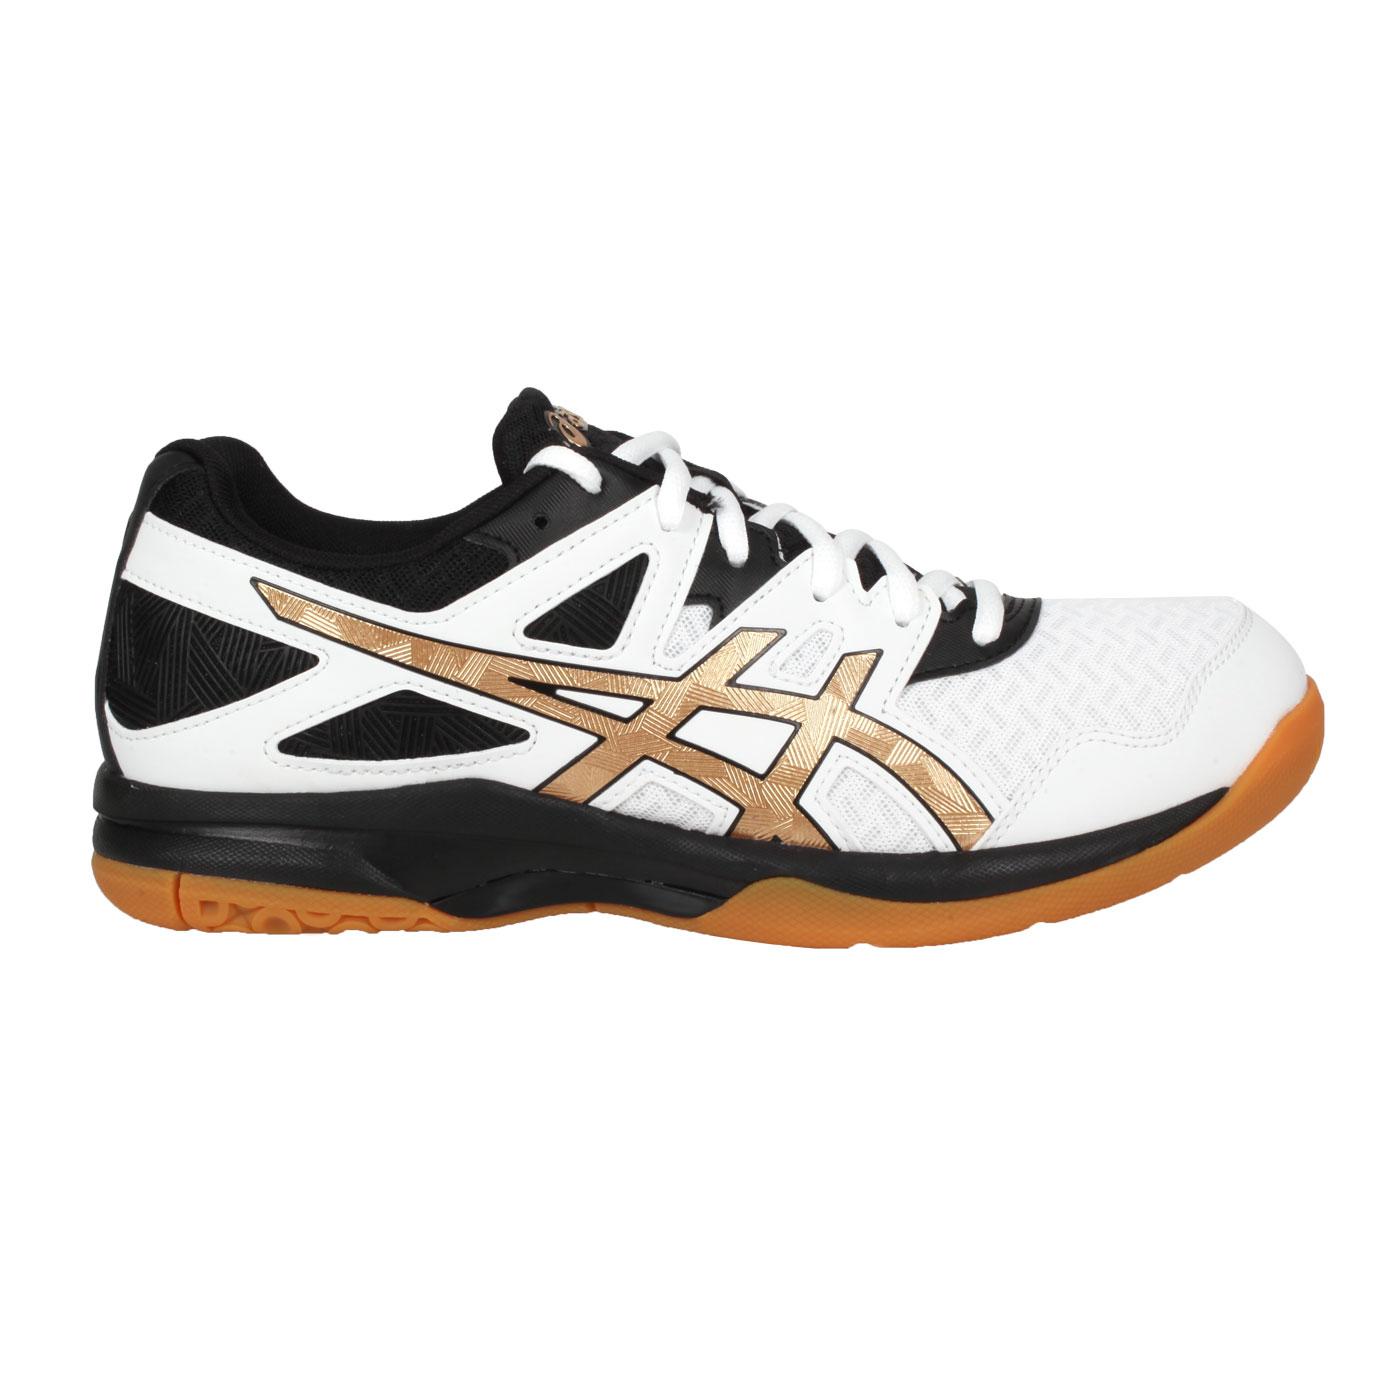 ASICS 男款排羽球鞋  @GEL-TASK 2@1071A037-102